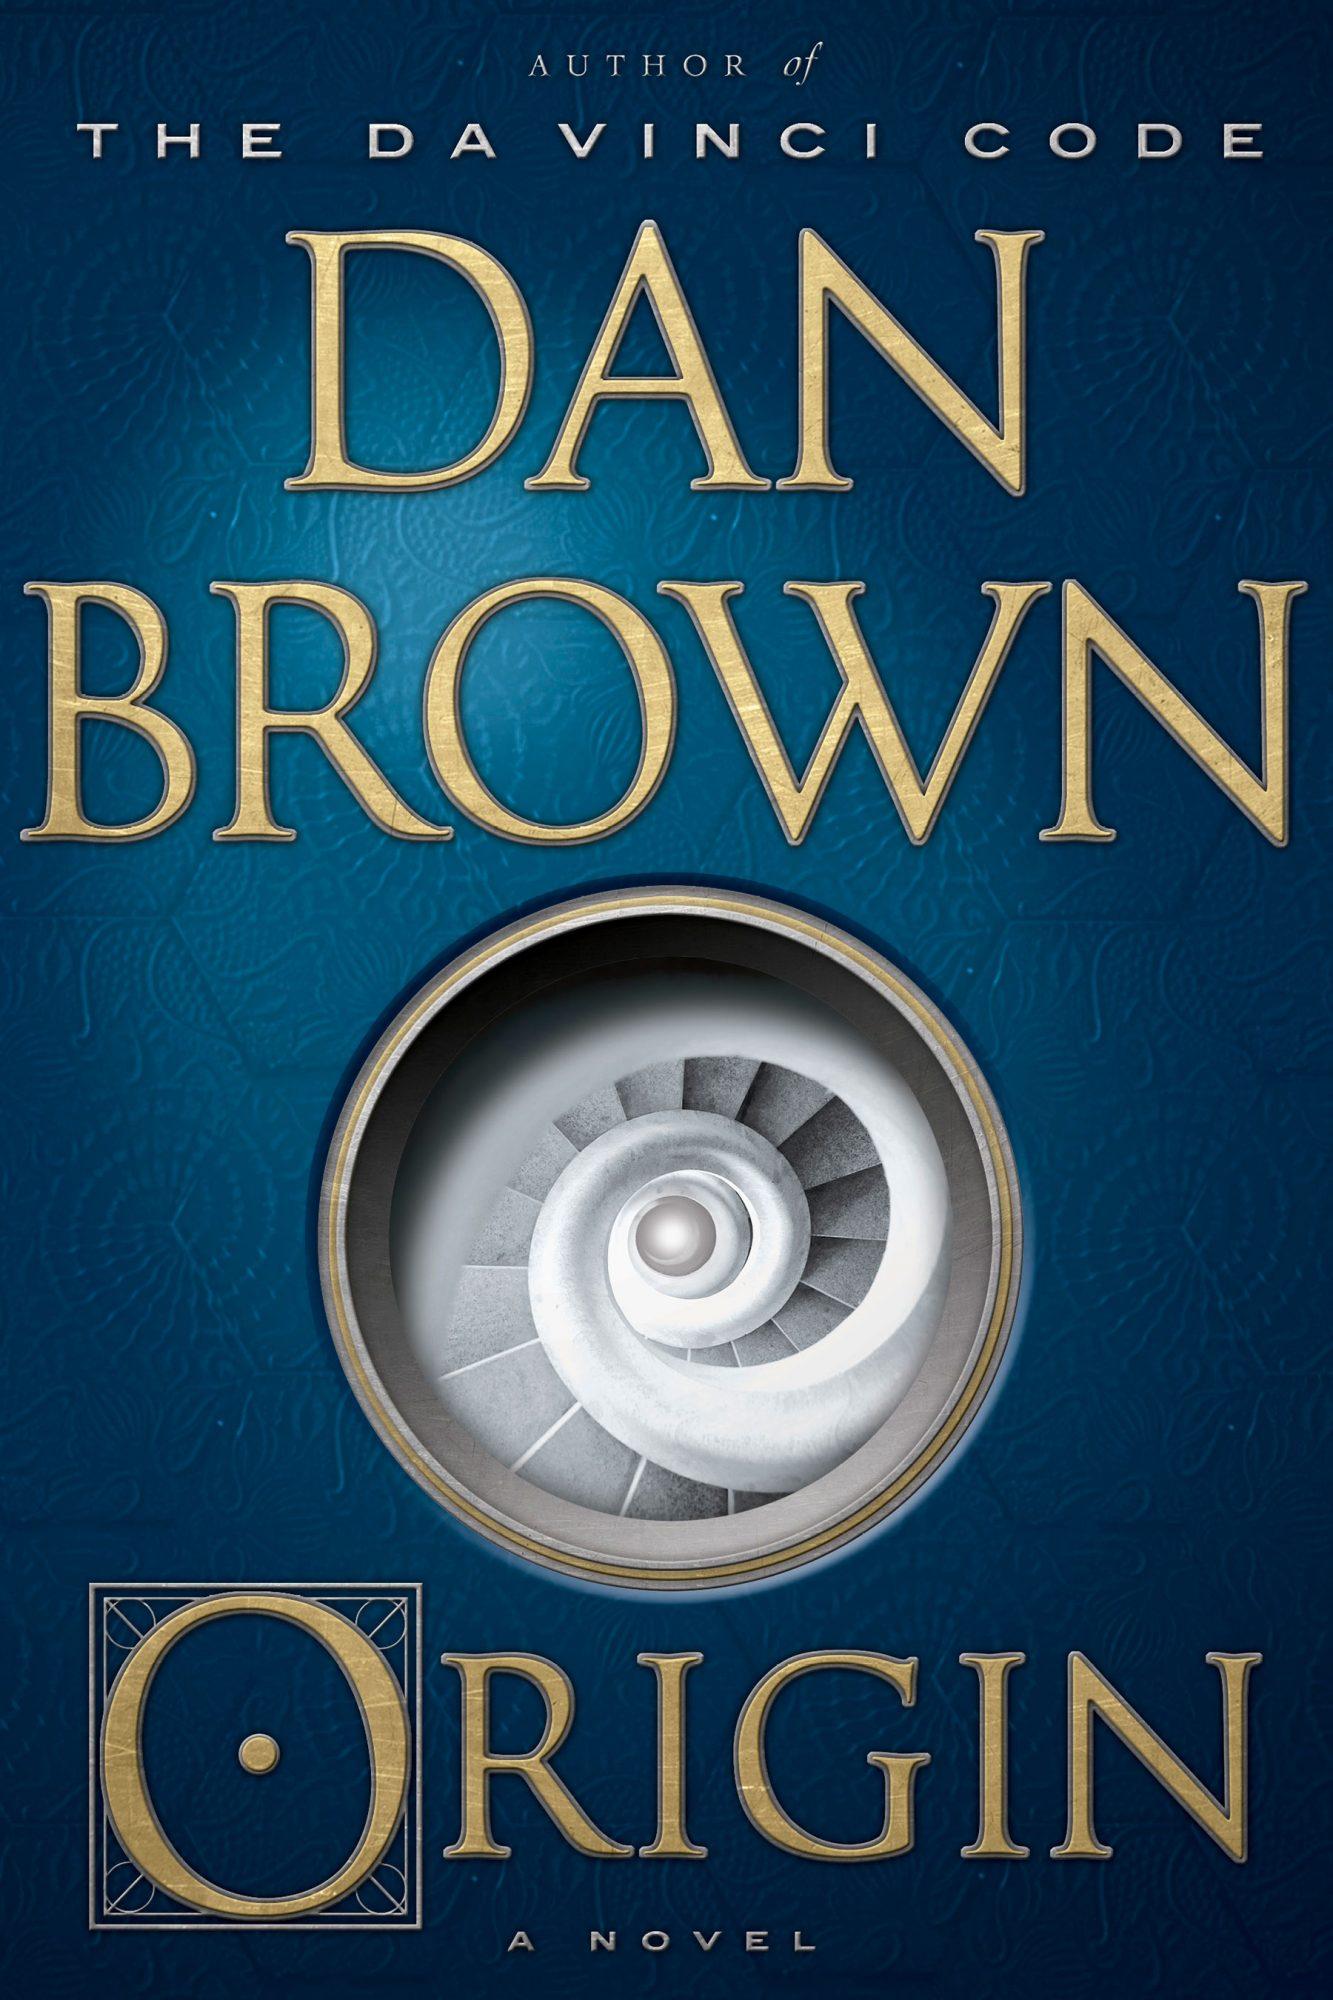 OriginBy Dan Brown